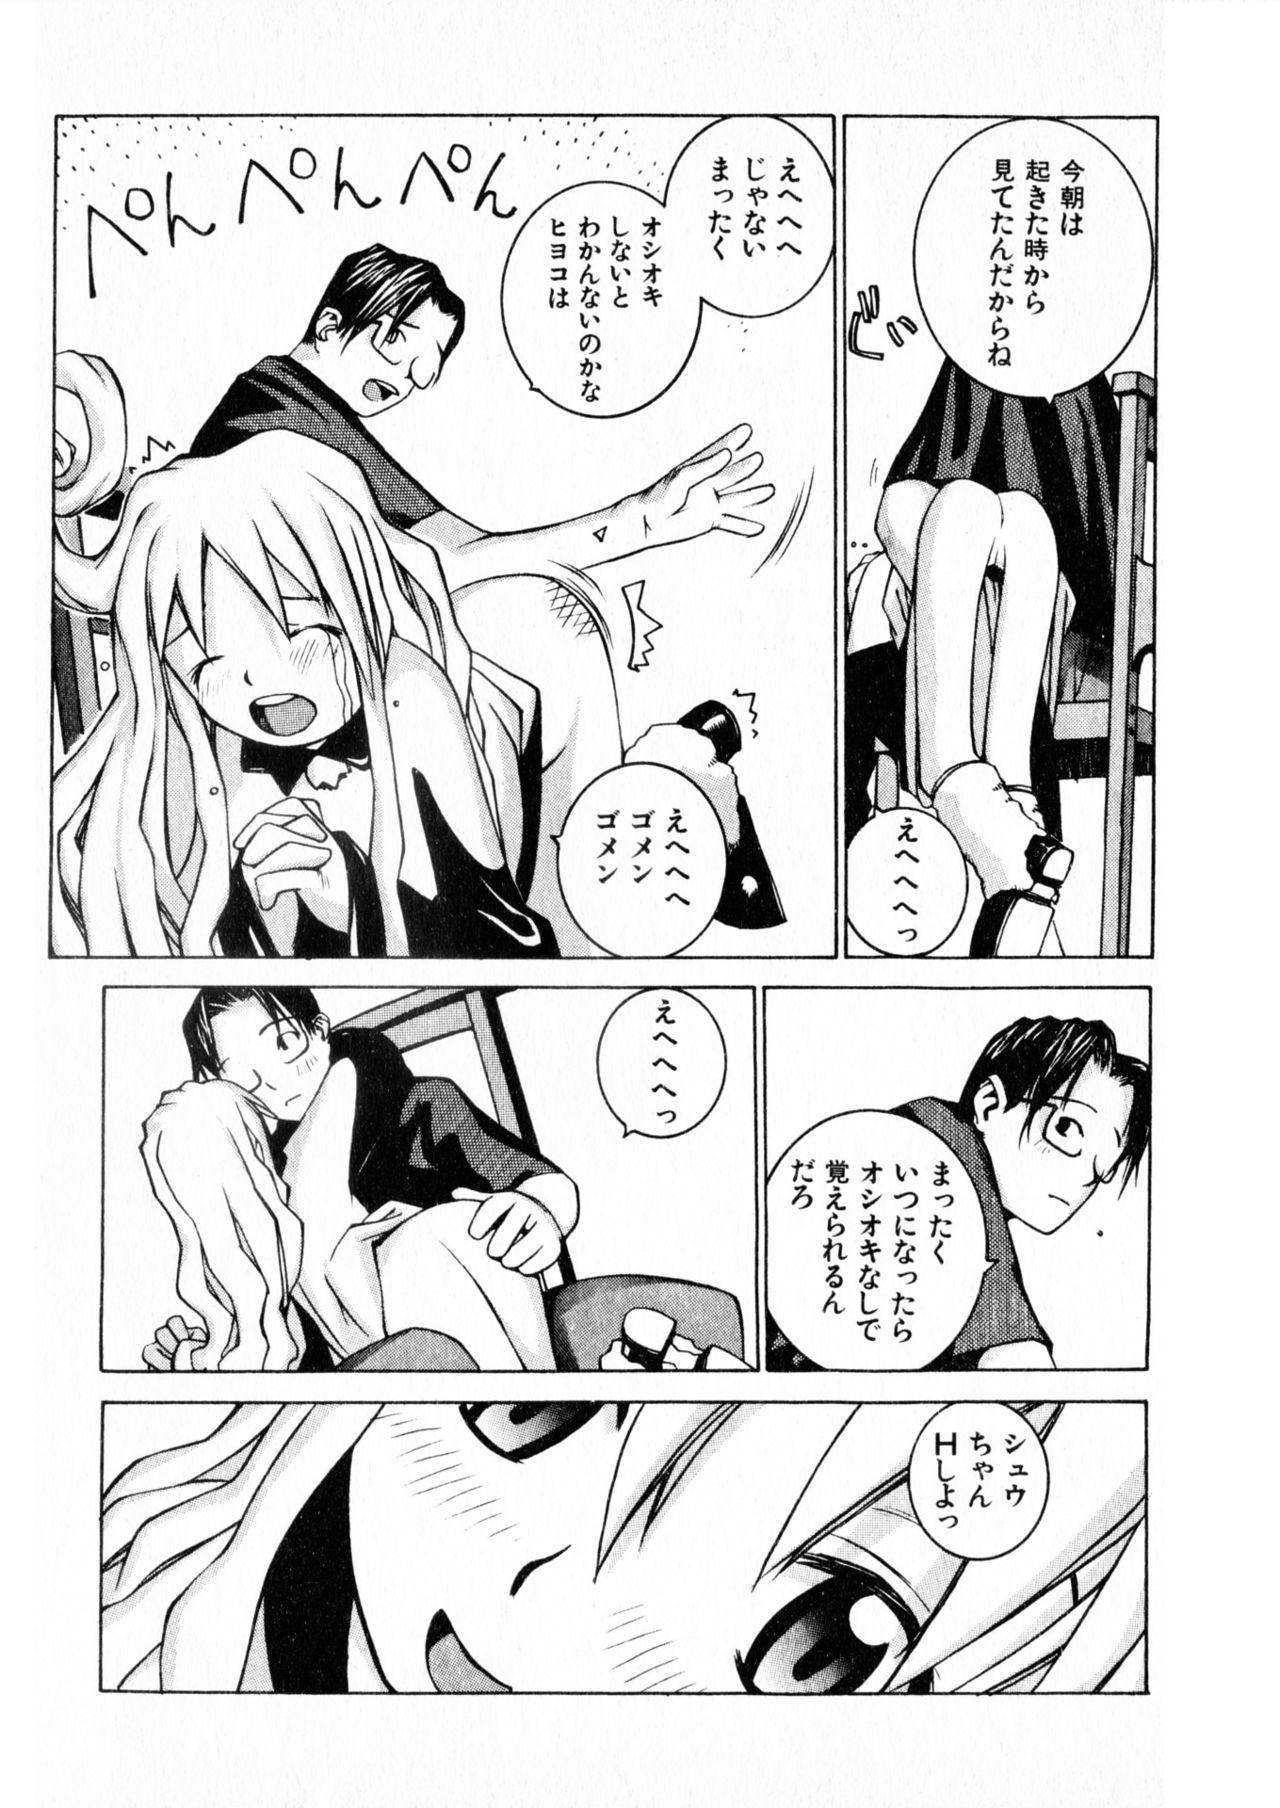 COMIC Kairakuten 25 Shuunen kinen tokubetsugou 27